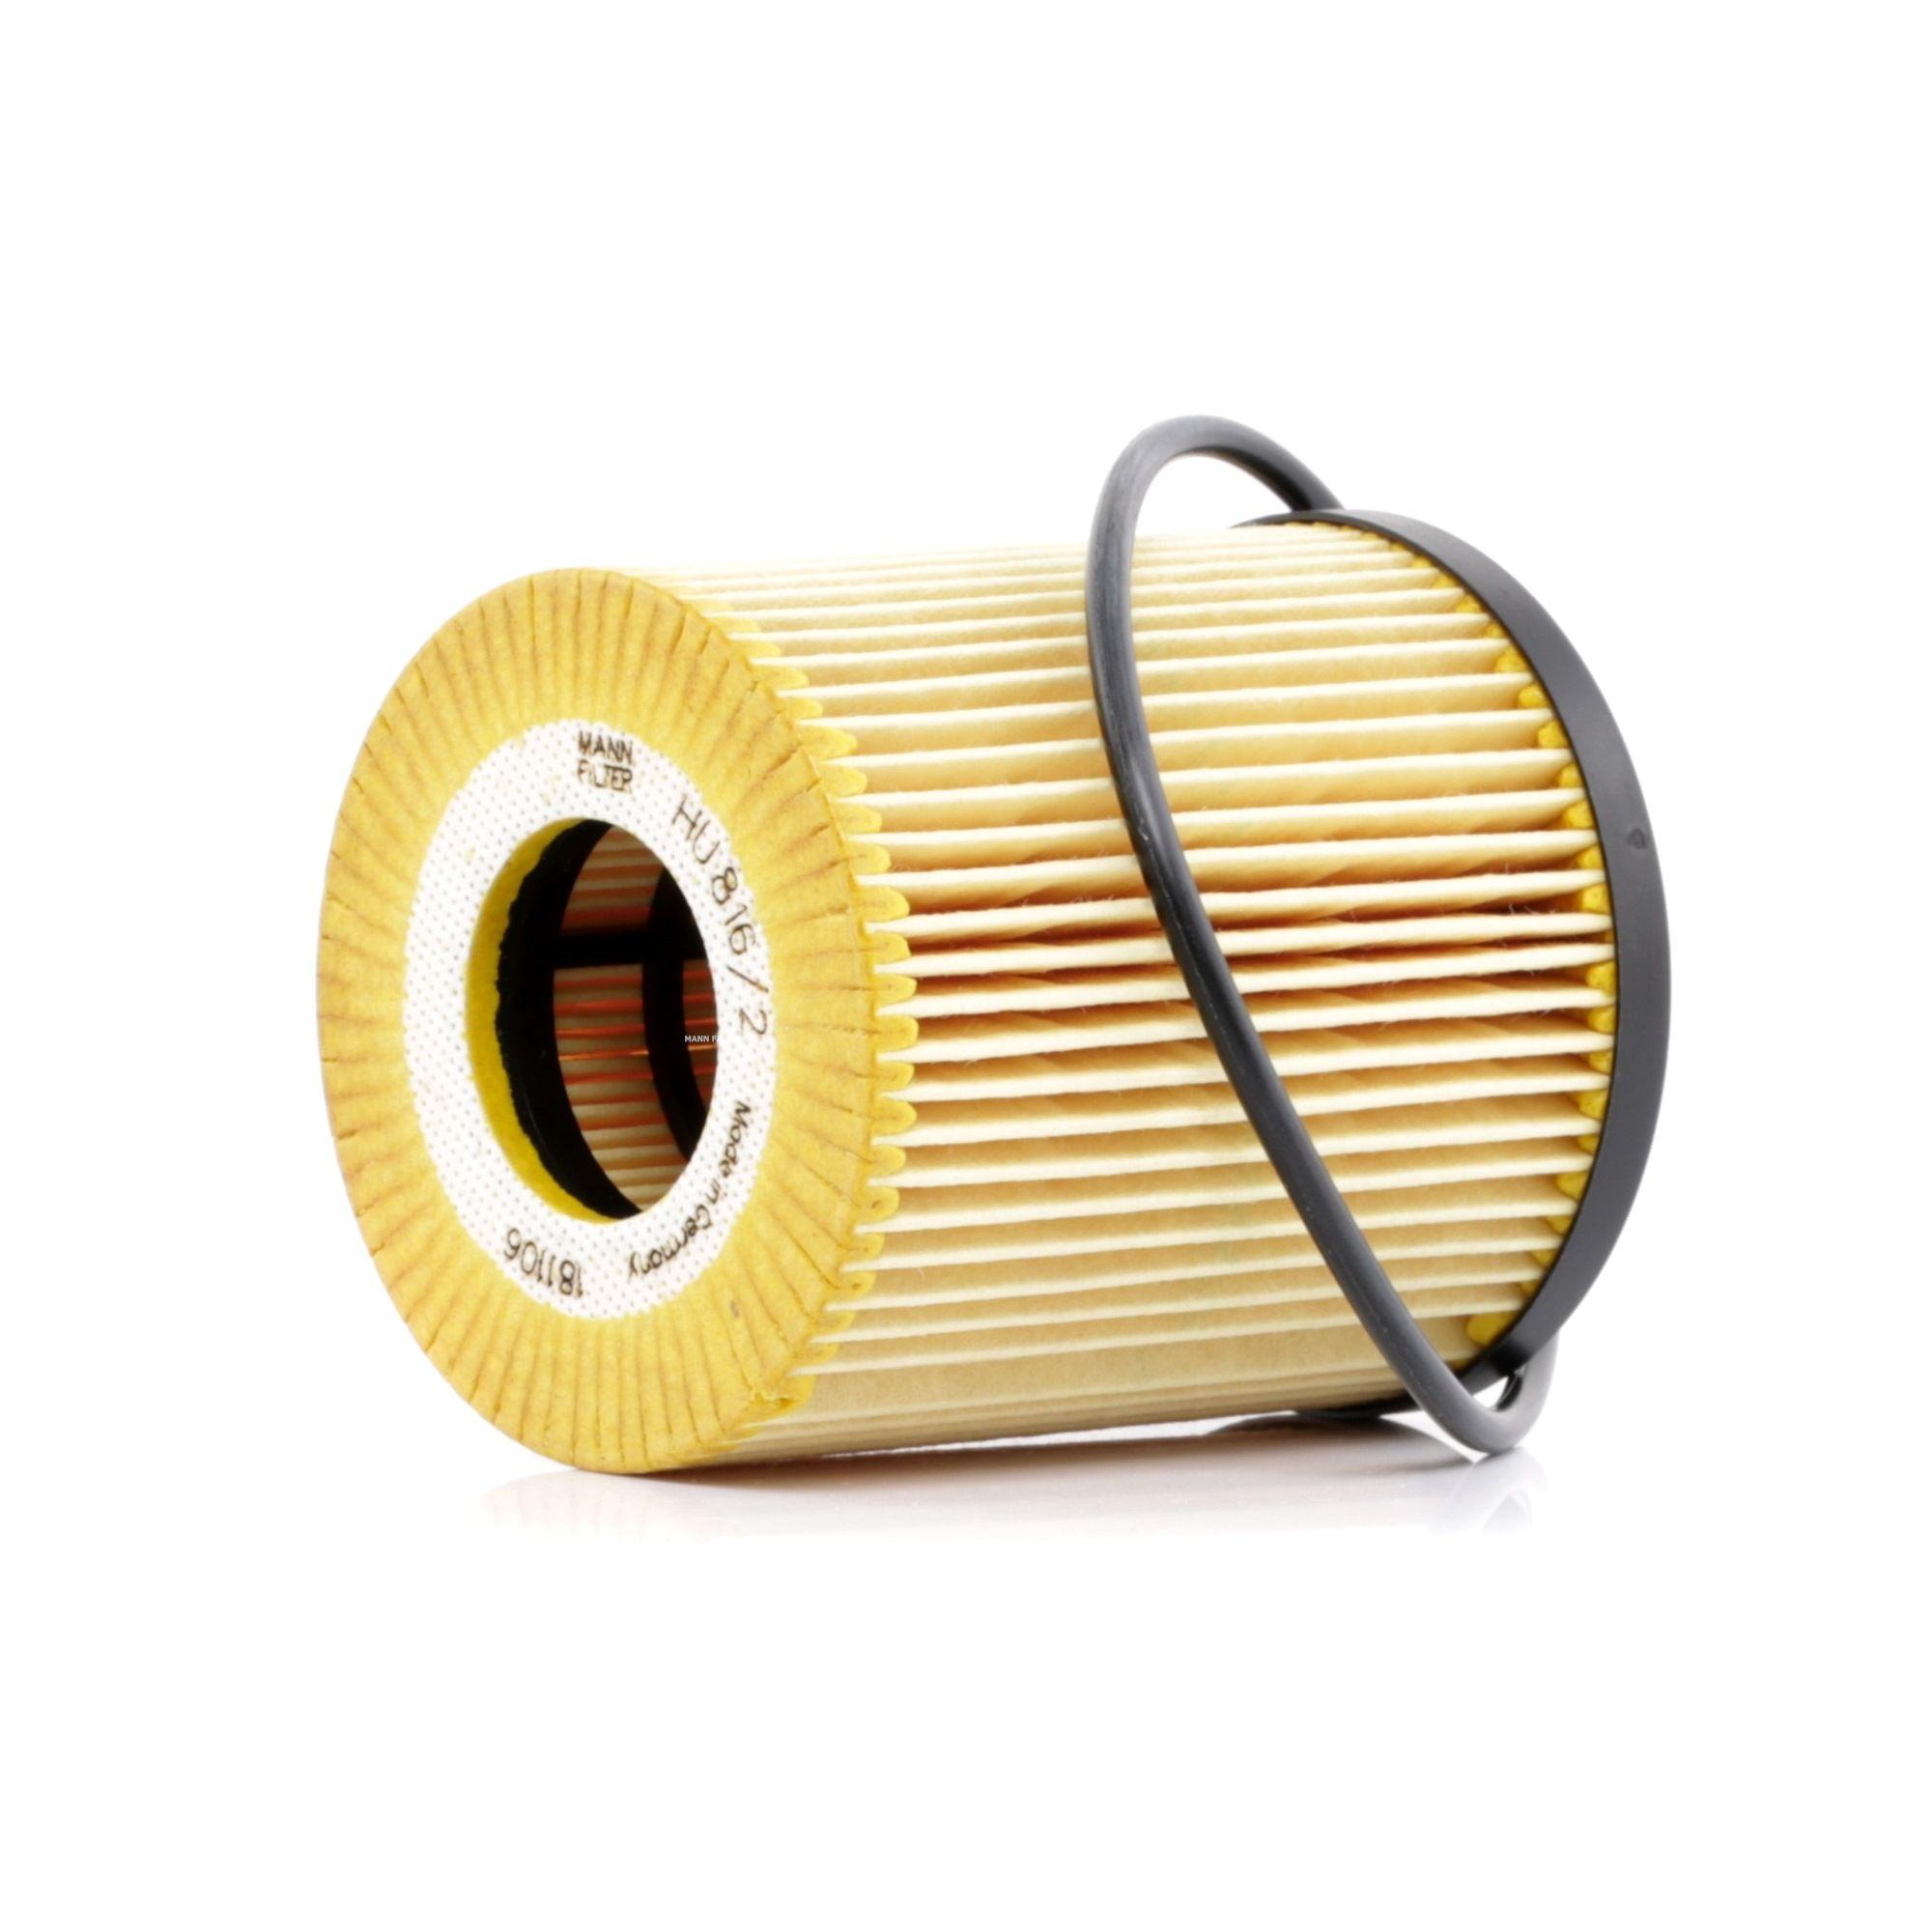 MANN-FILTER: Original Kfz-Filter HU 816/2 x (Innendurchmesser: 31mm, Innendurchmesser 2: 22mm, Ø: 70mm, Höhe: 83mm)